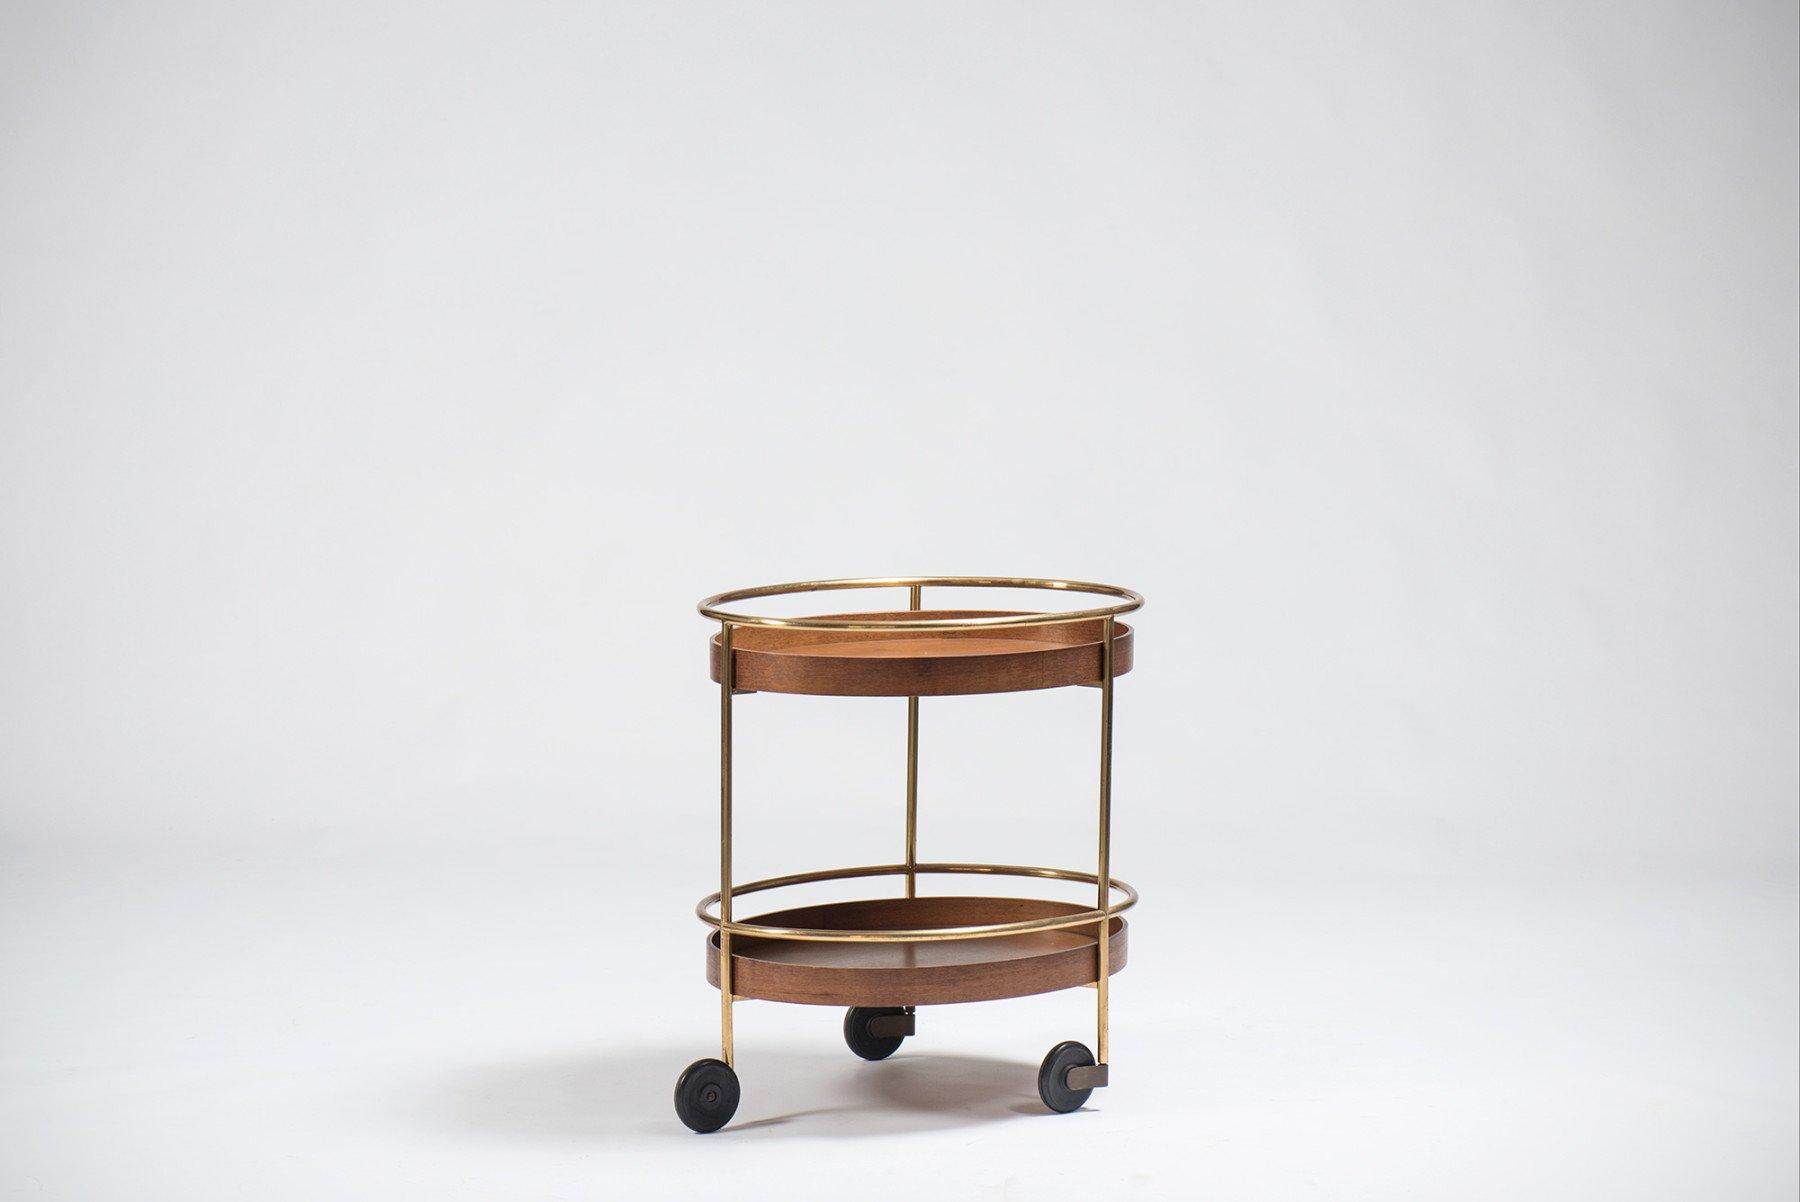 Paolo Tilche     Serving cart